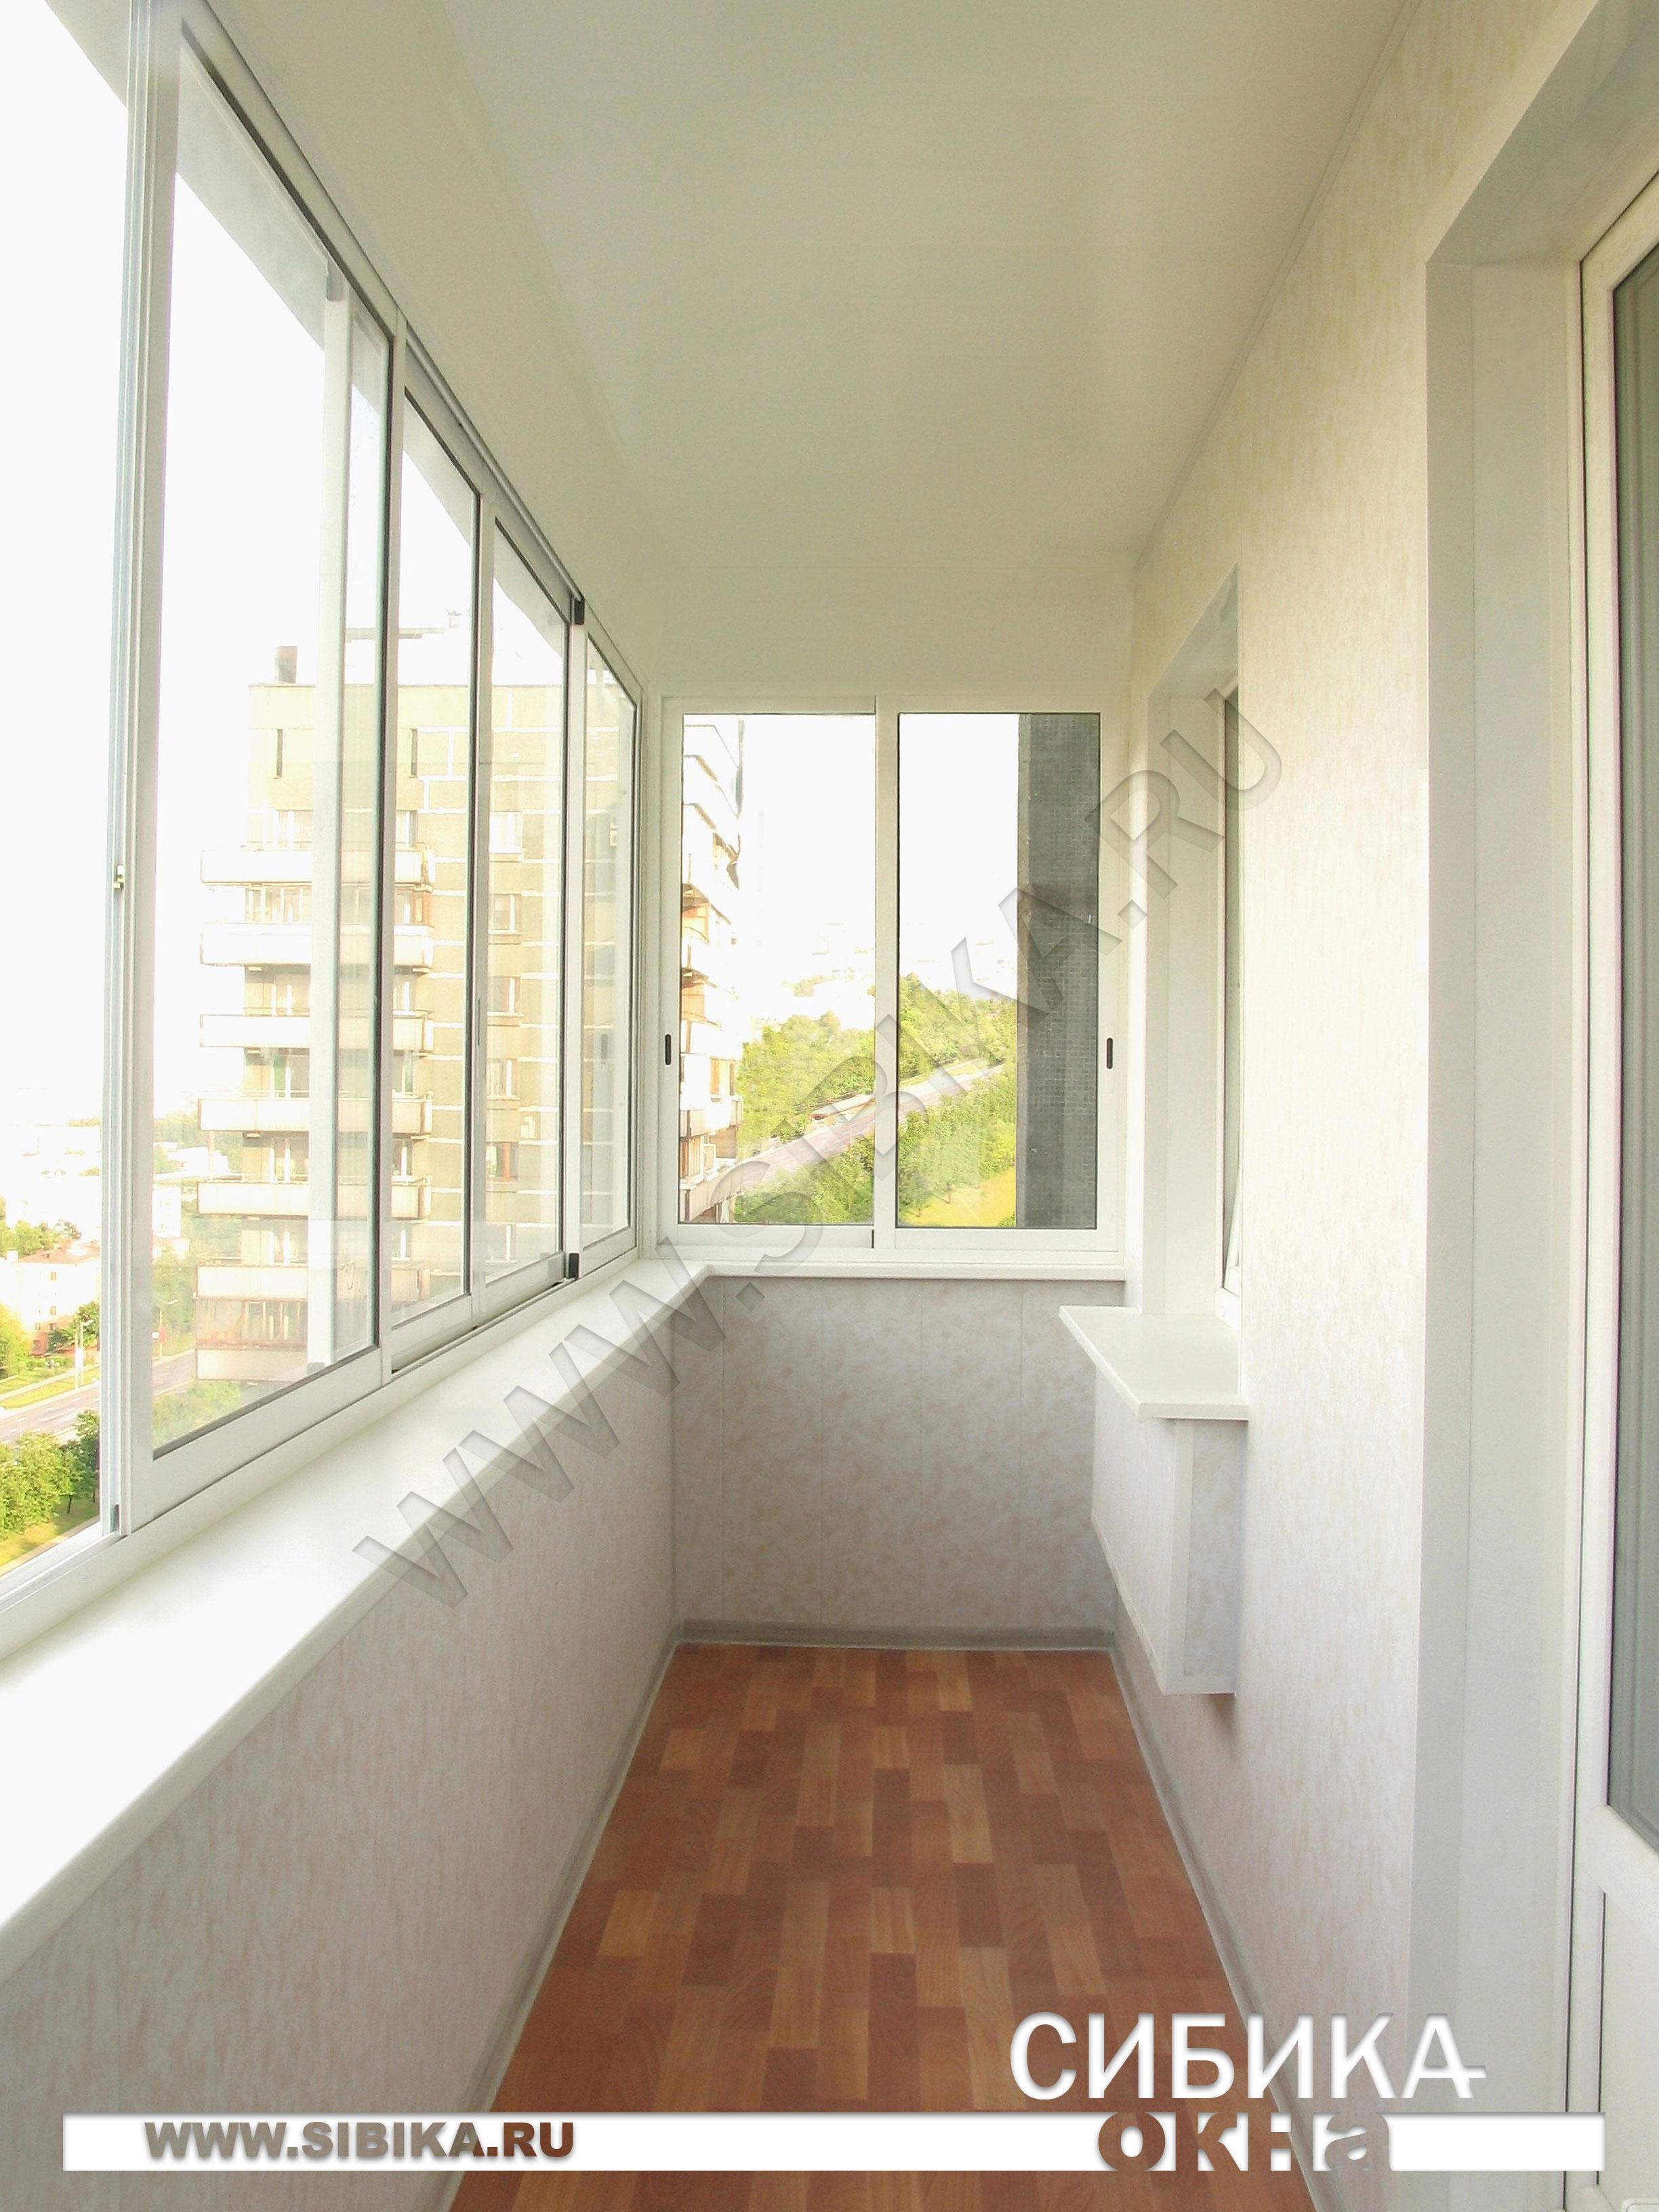 Внешняя отделка балкона в спб по выгодной цене.